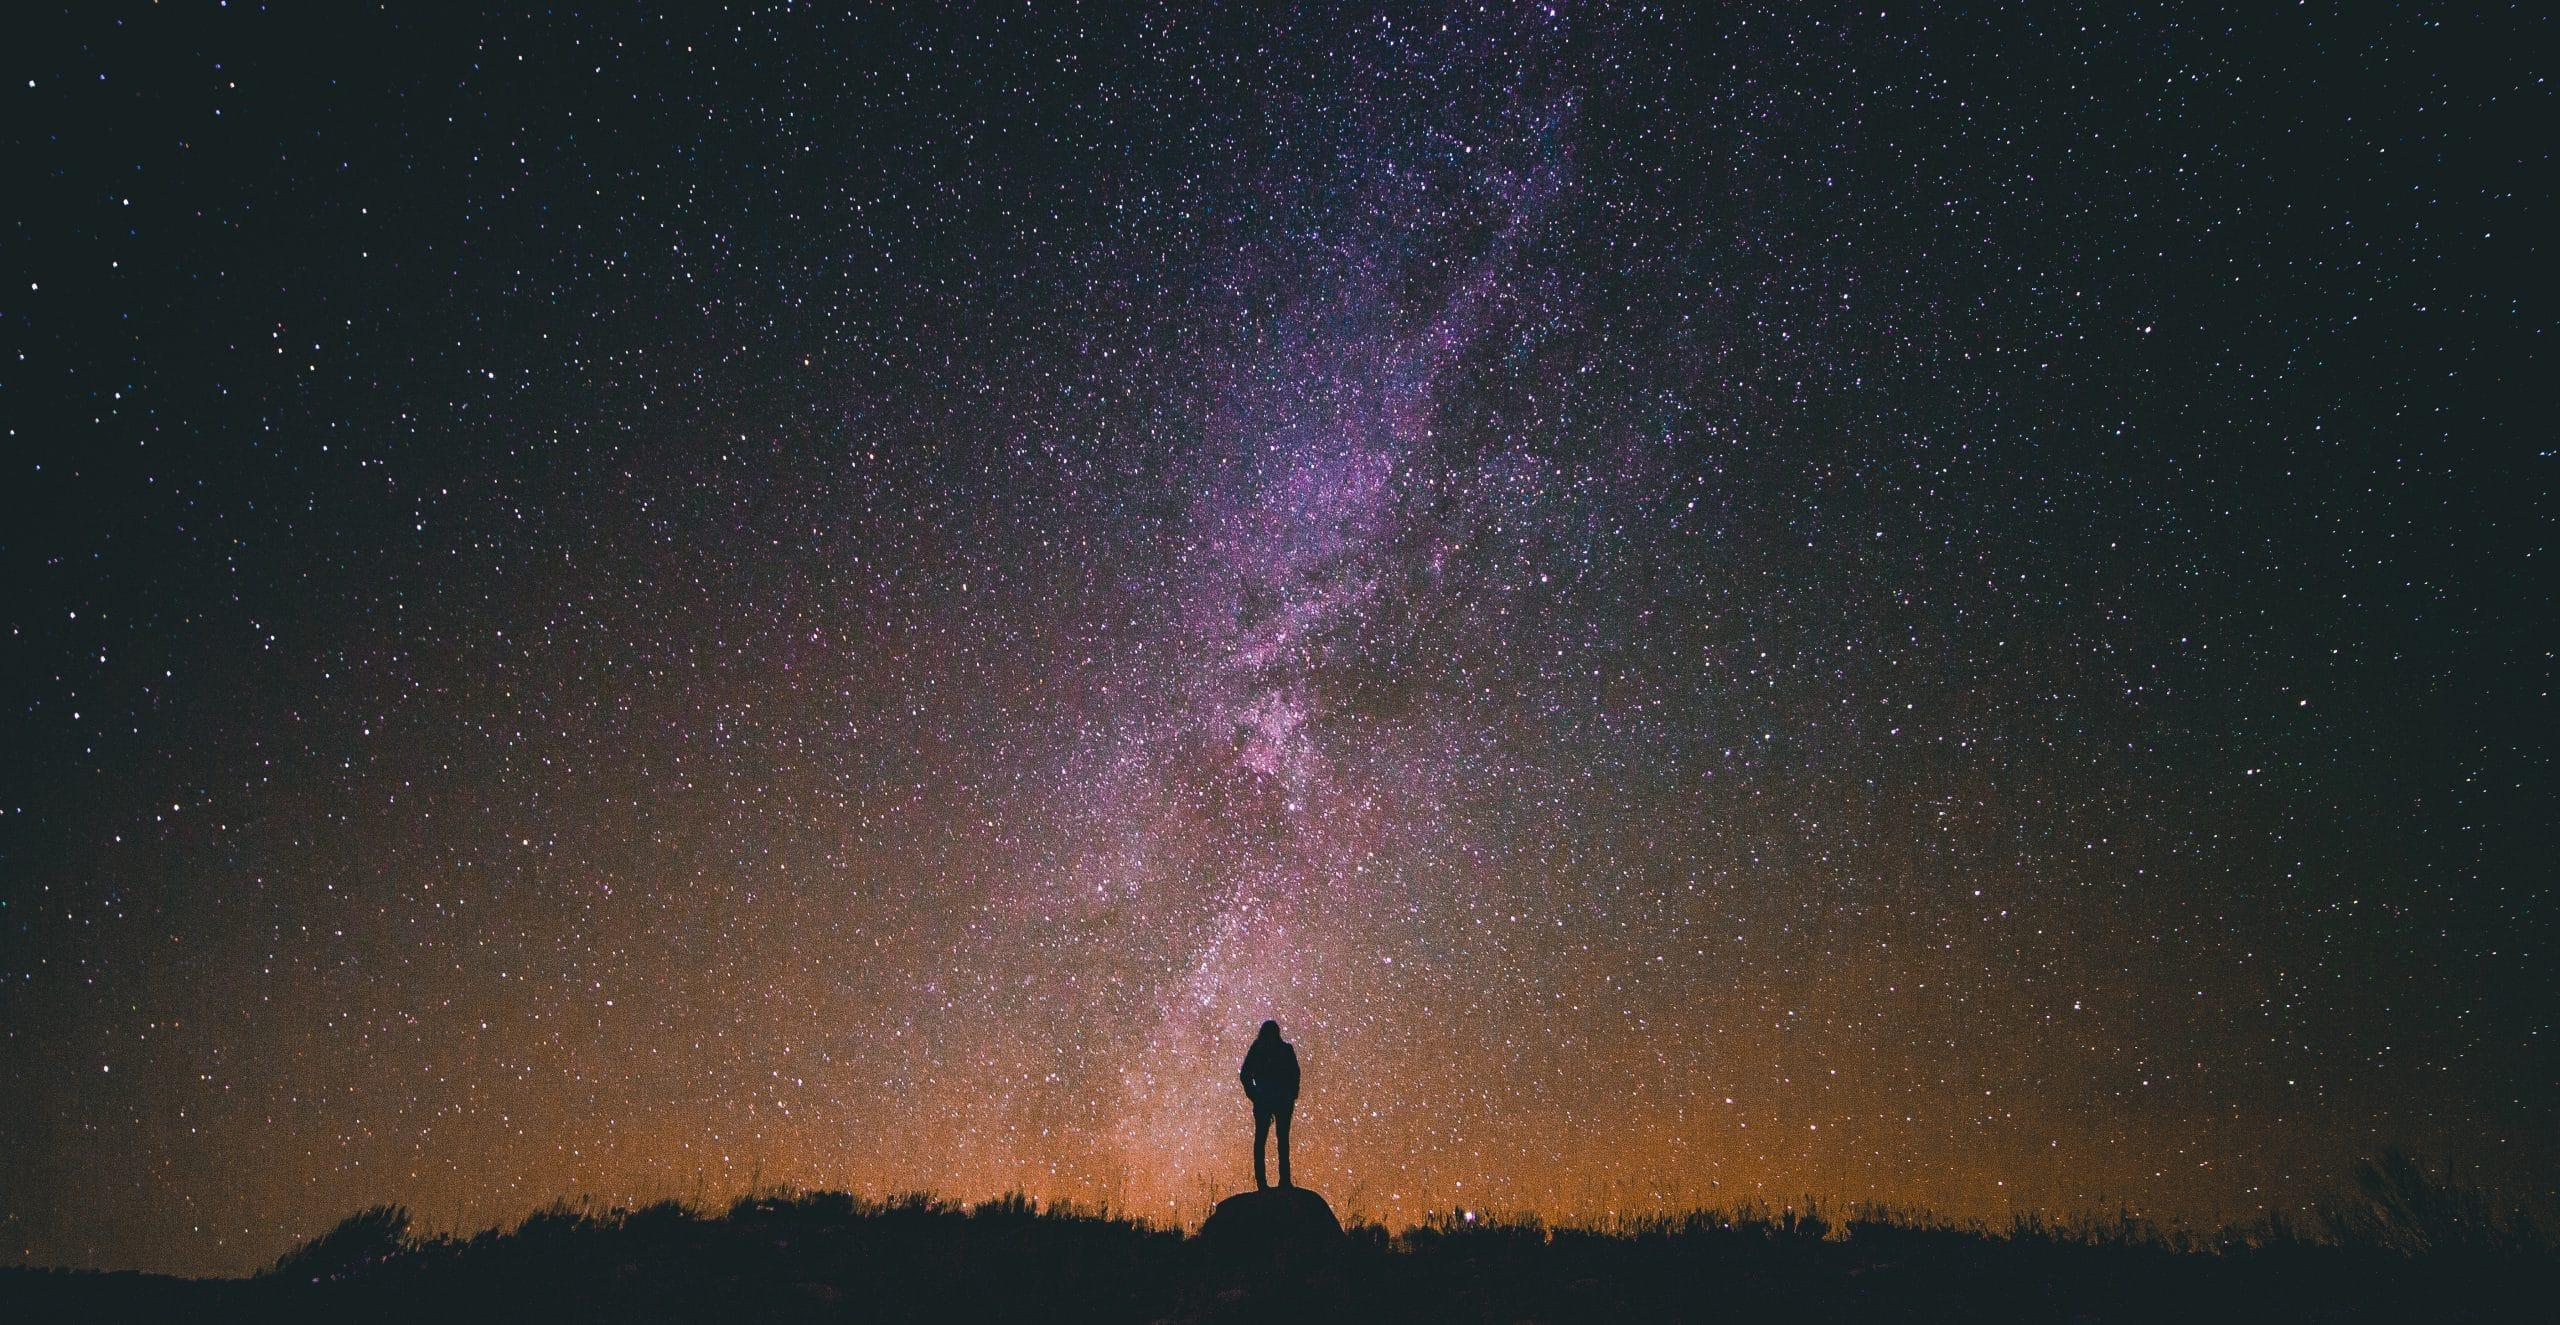 Silhueta de pessoa em campo com céu estrelado